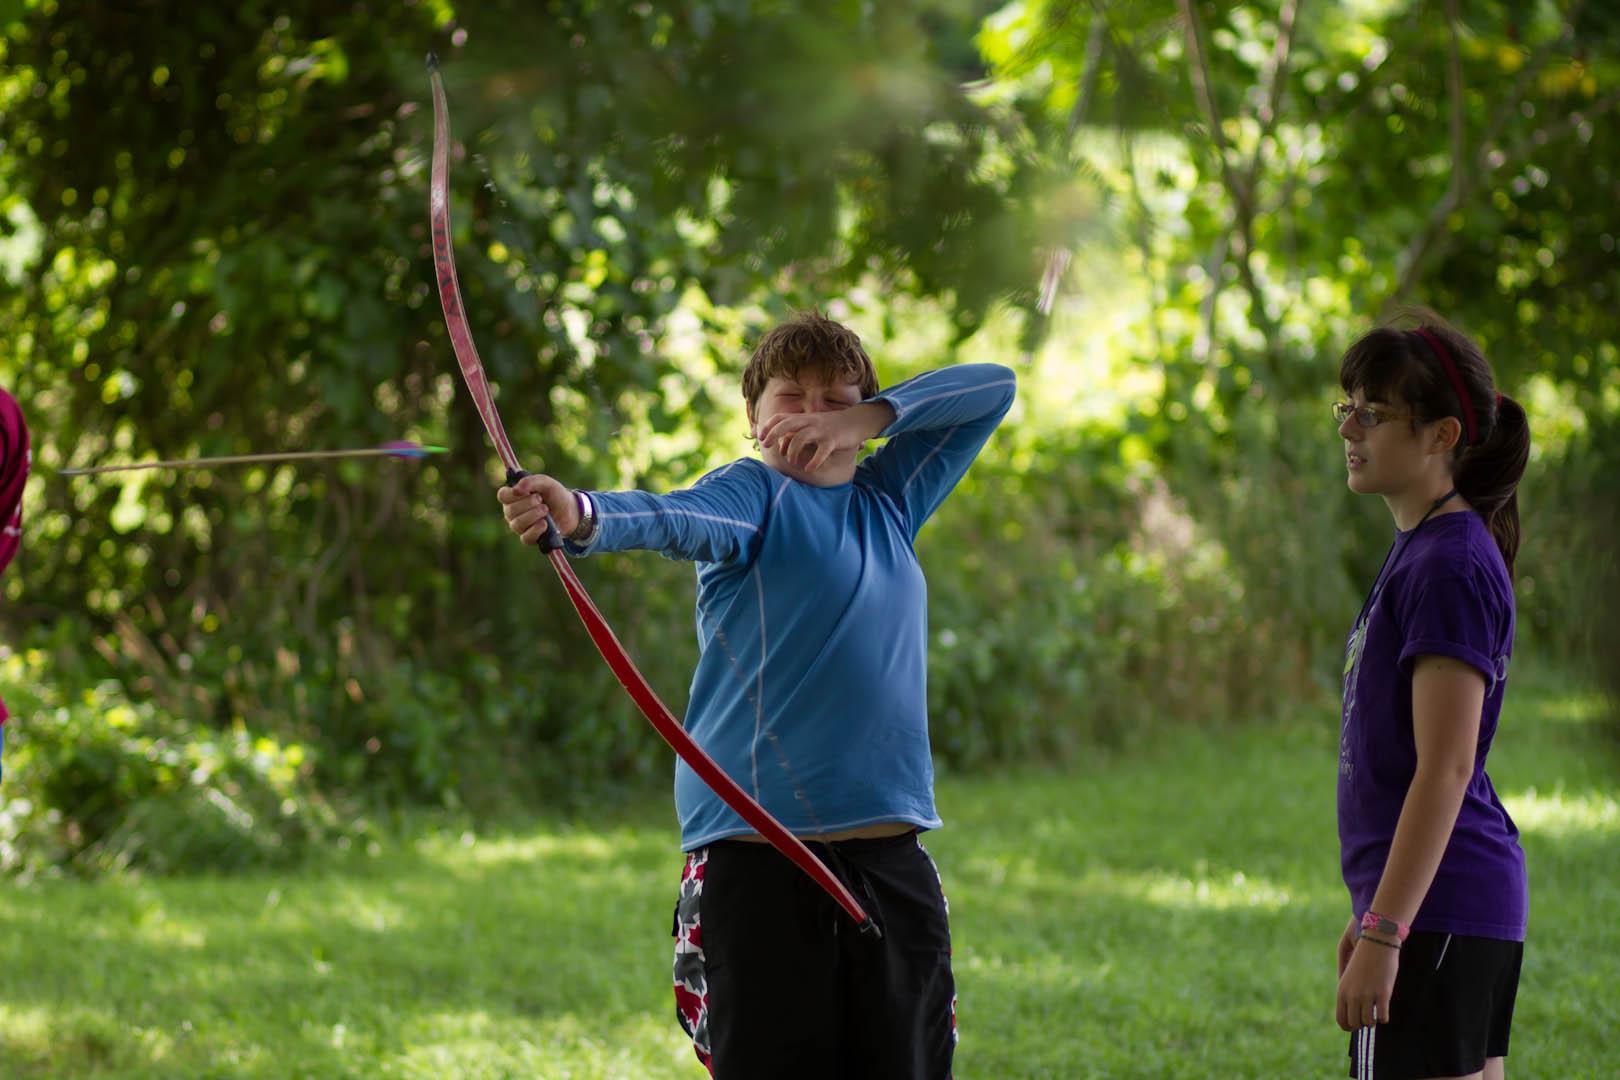 Taking aim at summer camp 2014